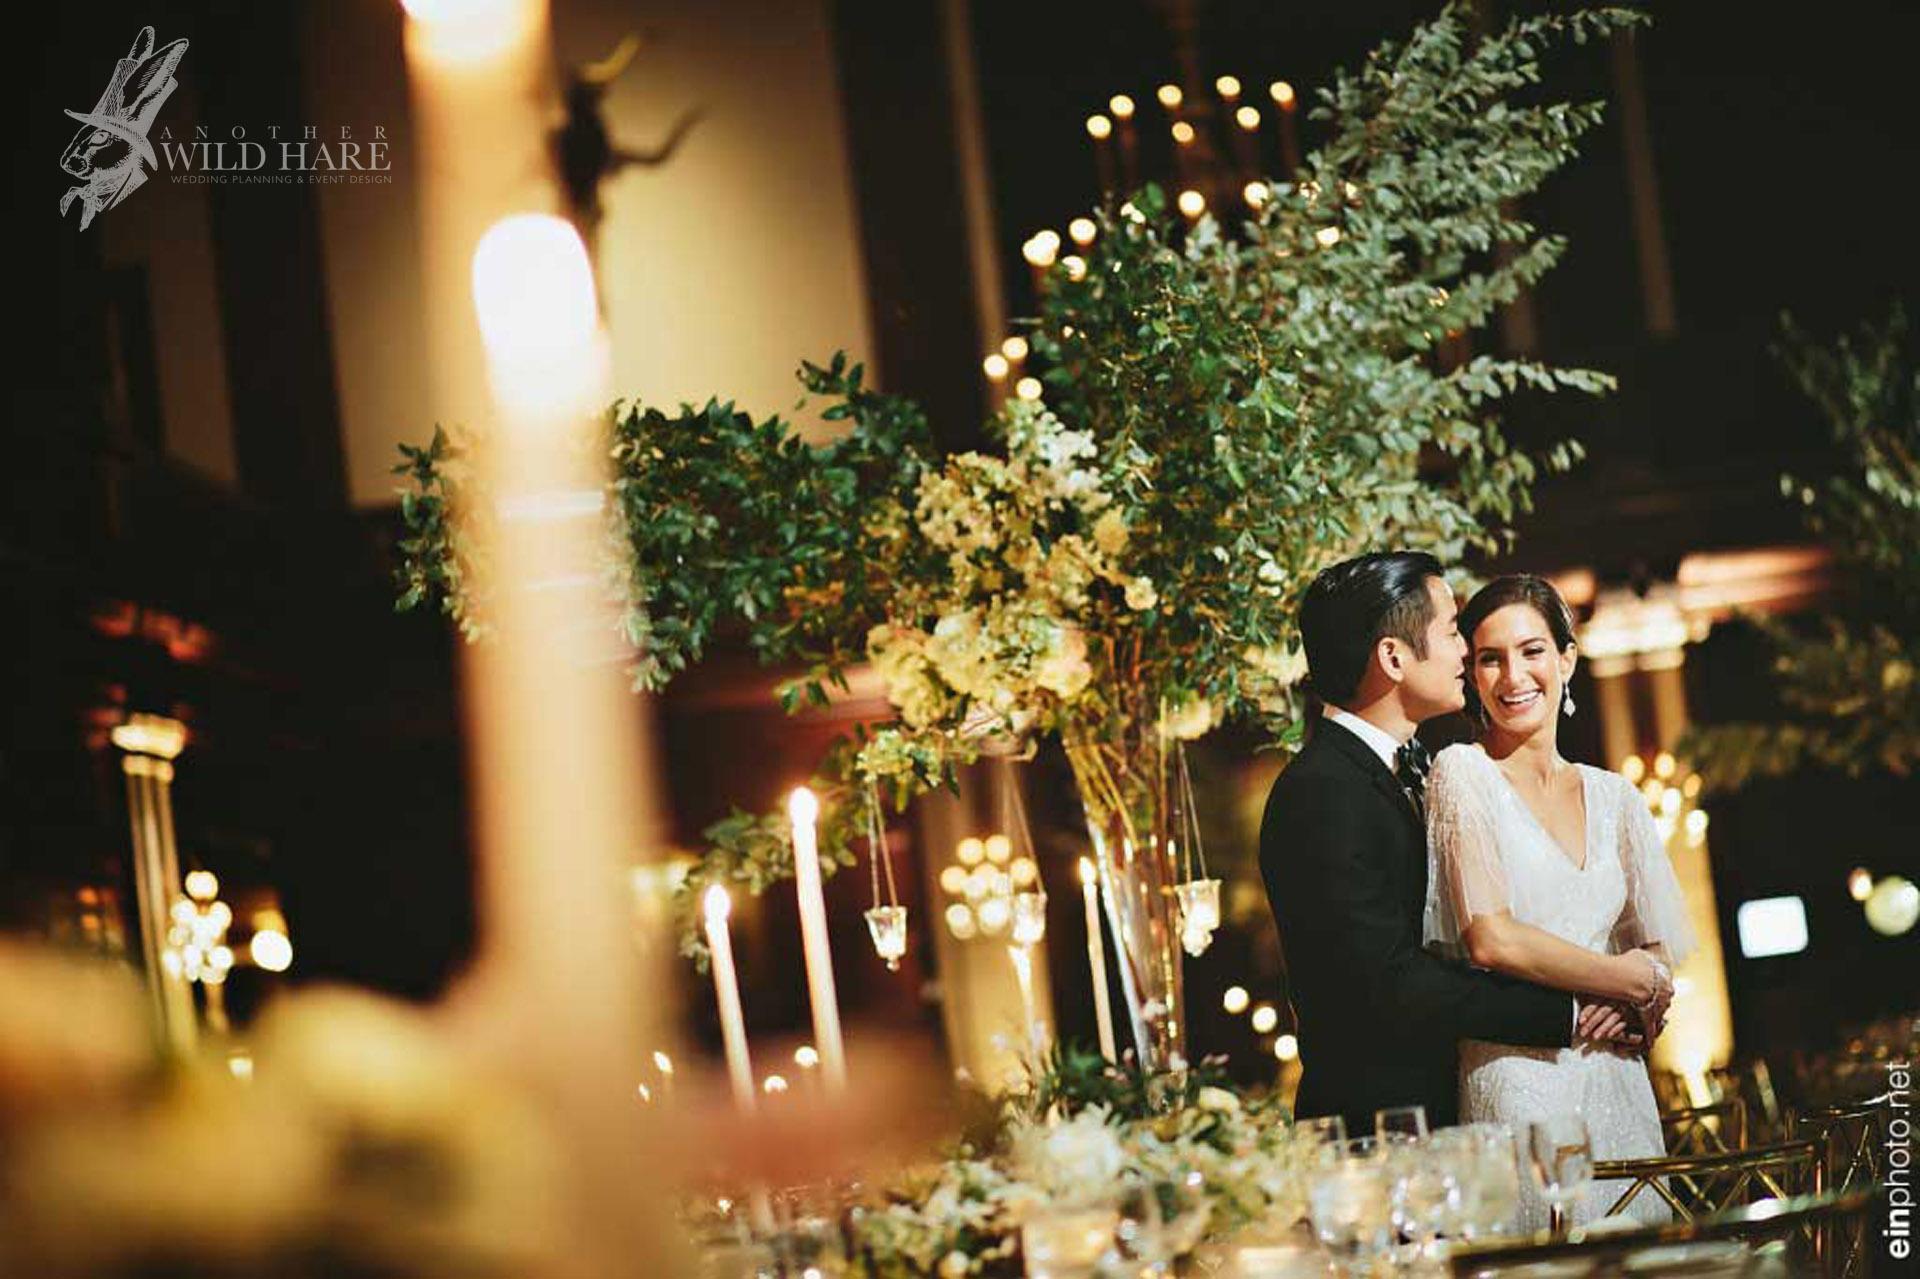 Harvard-Club-Wedding-0001-1024x682 copy